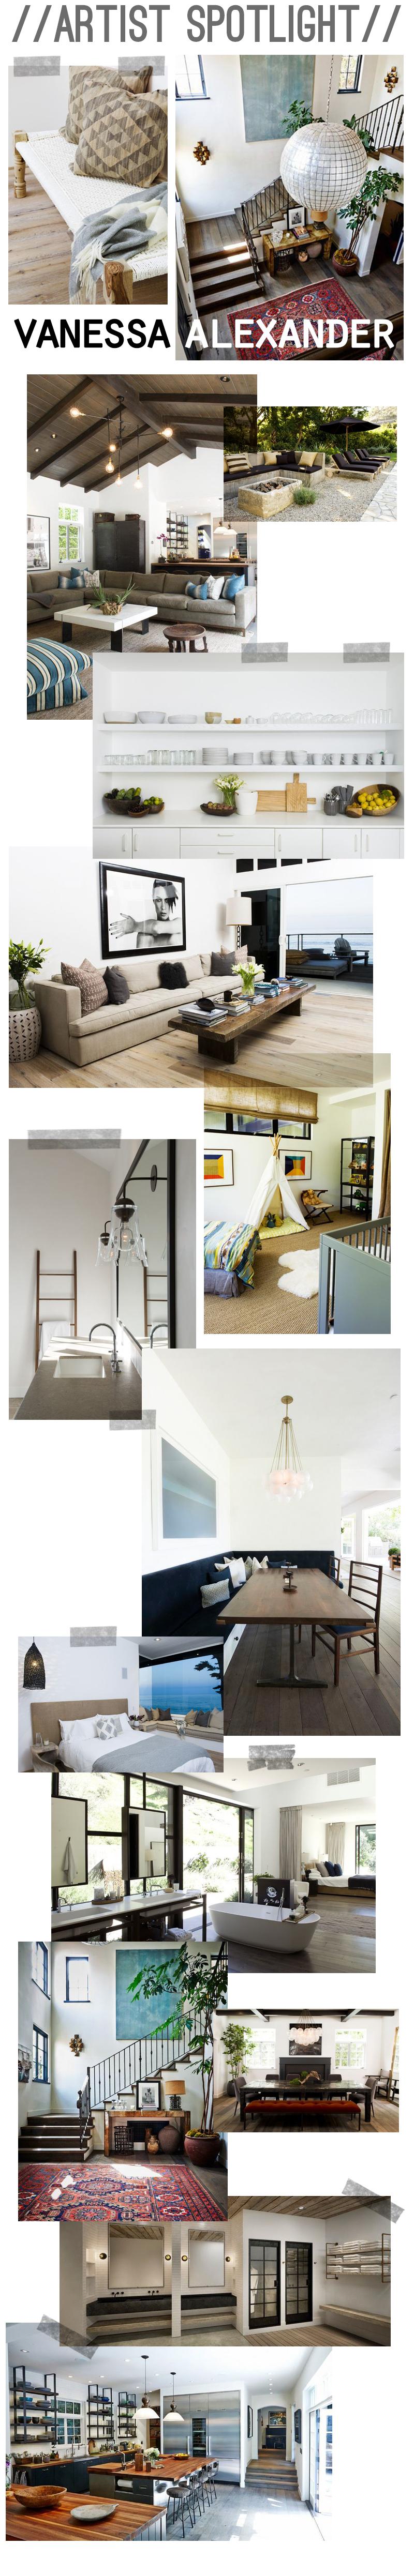 Amber Interiors - Artist Spotlight - Vanessa Alexander